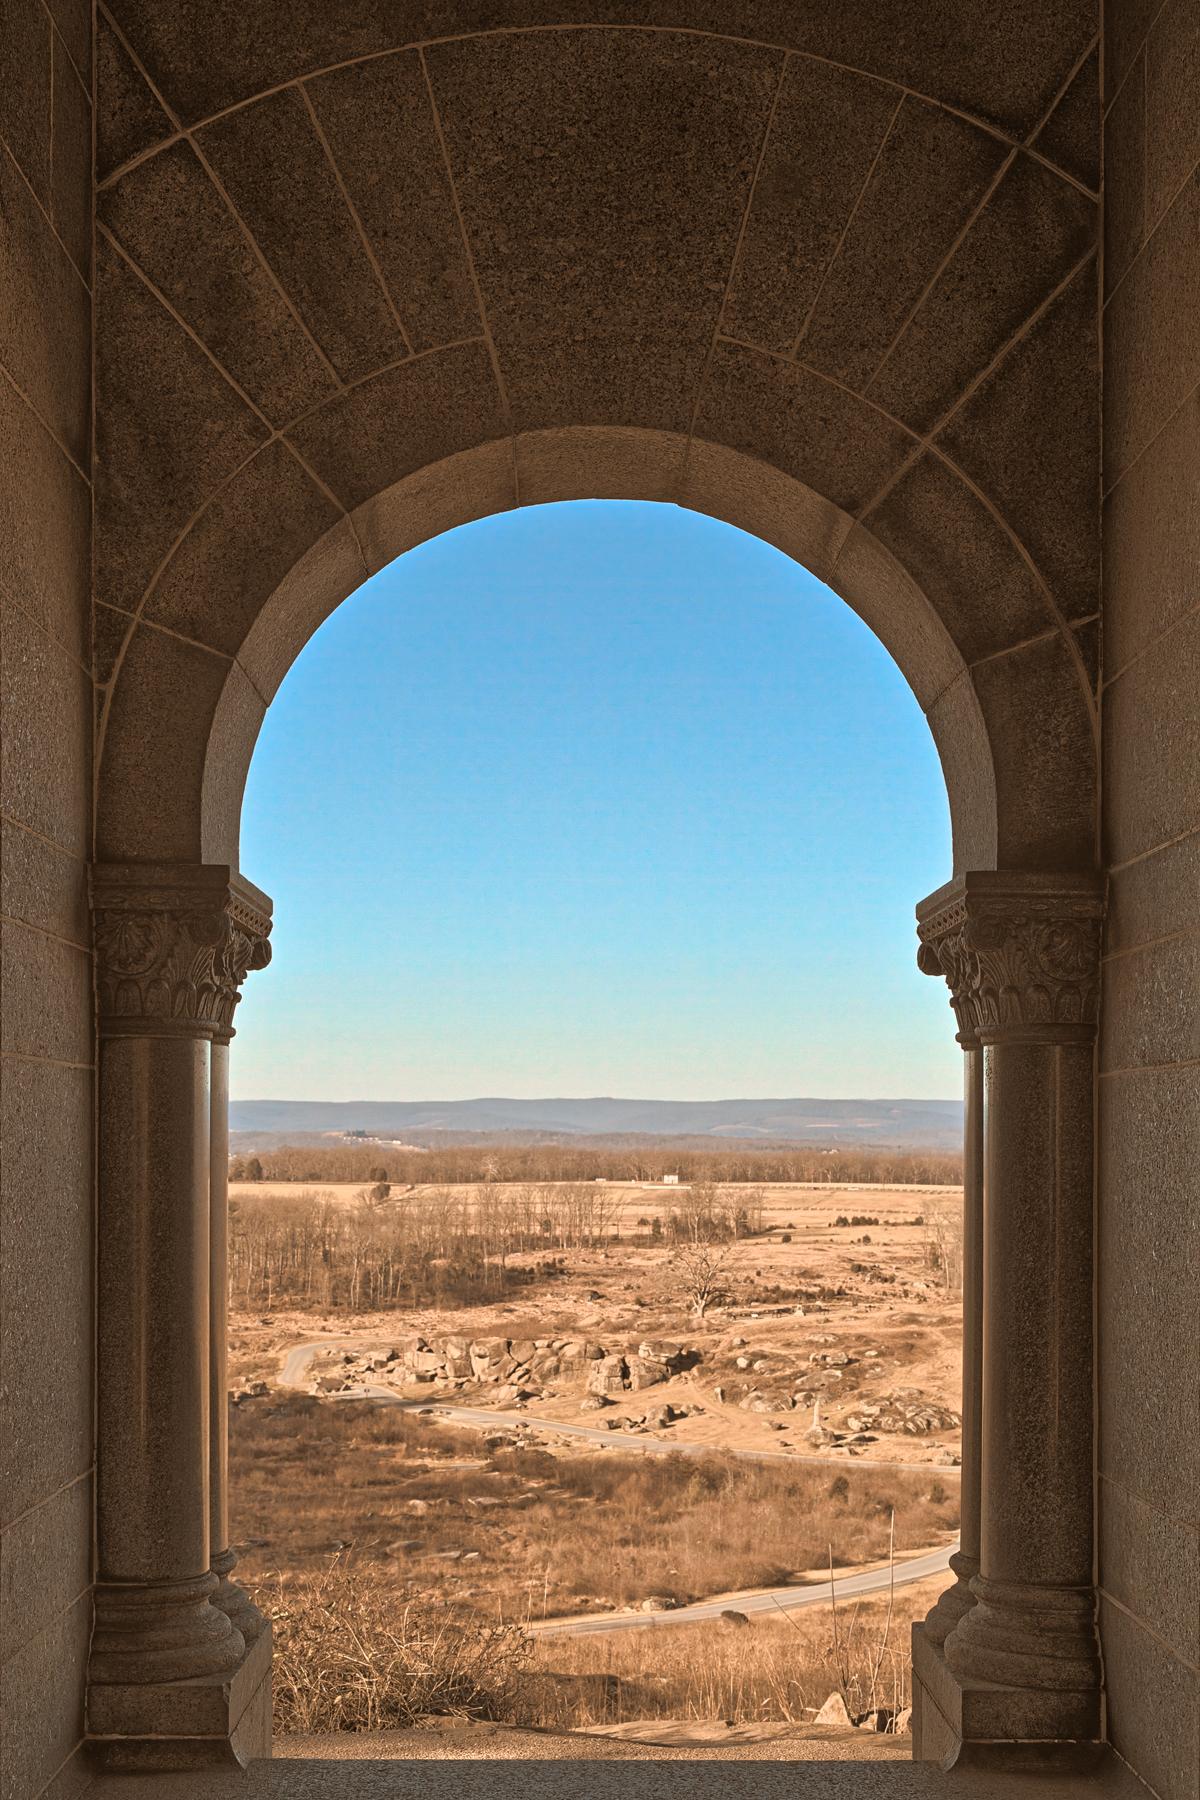 Gateway to gettysburg - sepia nostalgia hdr photo